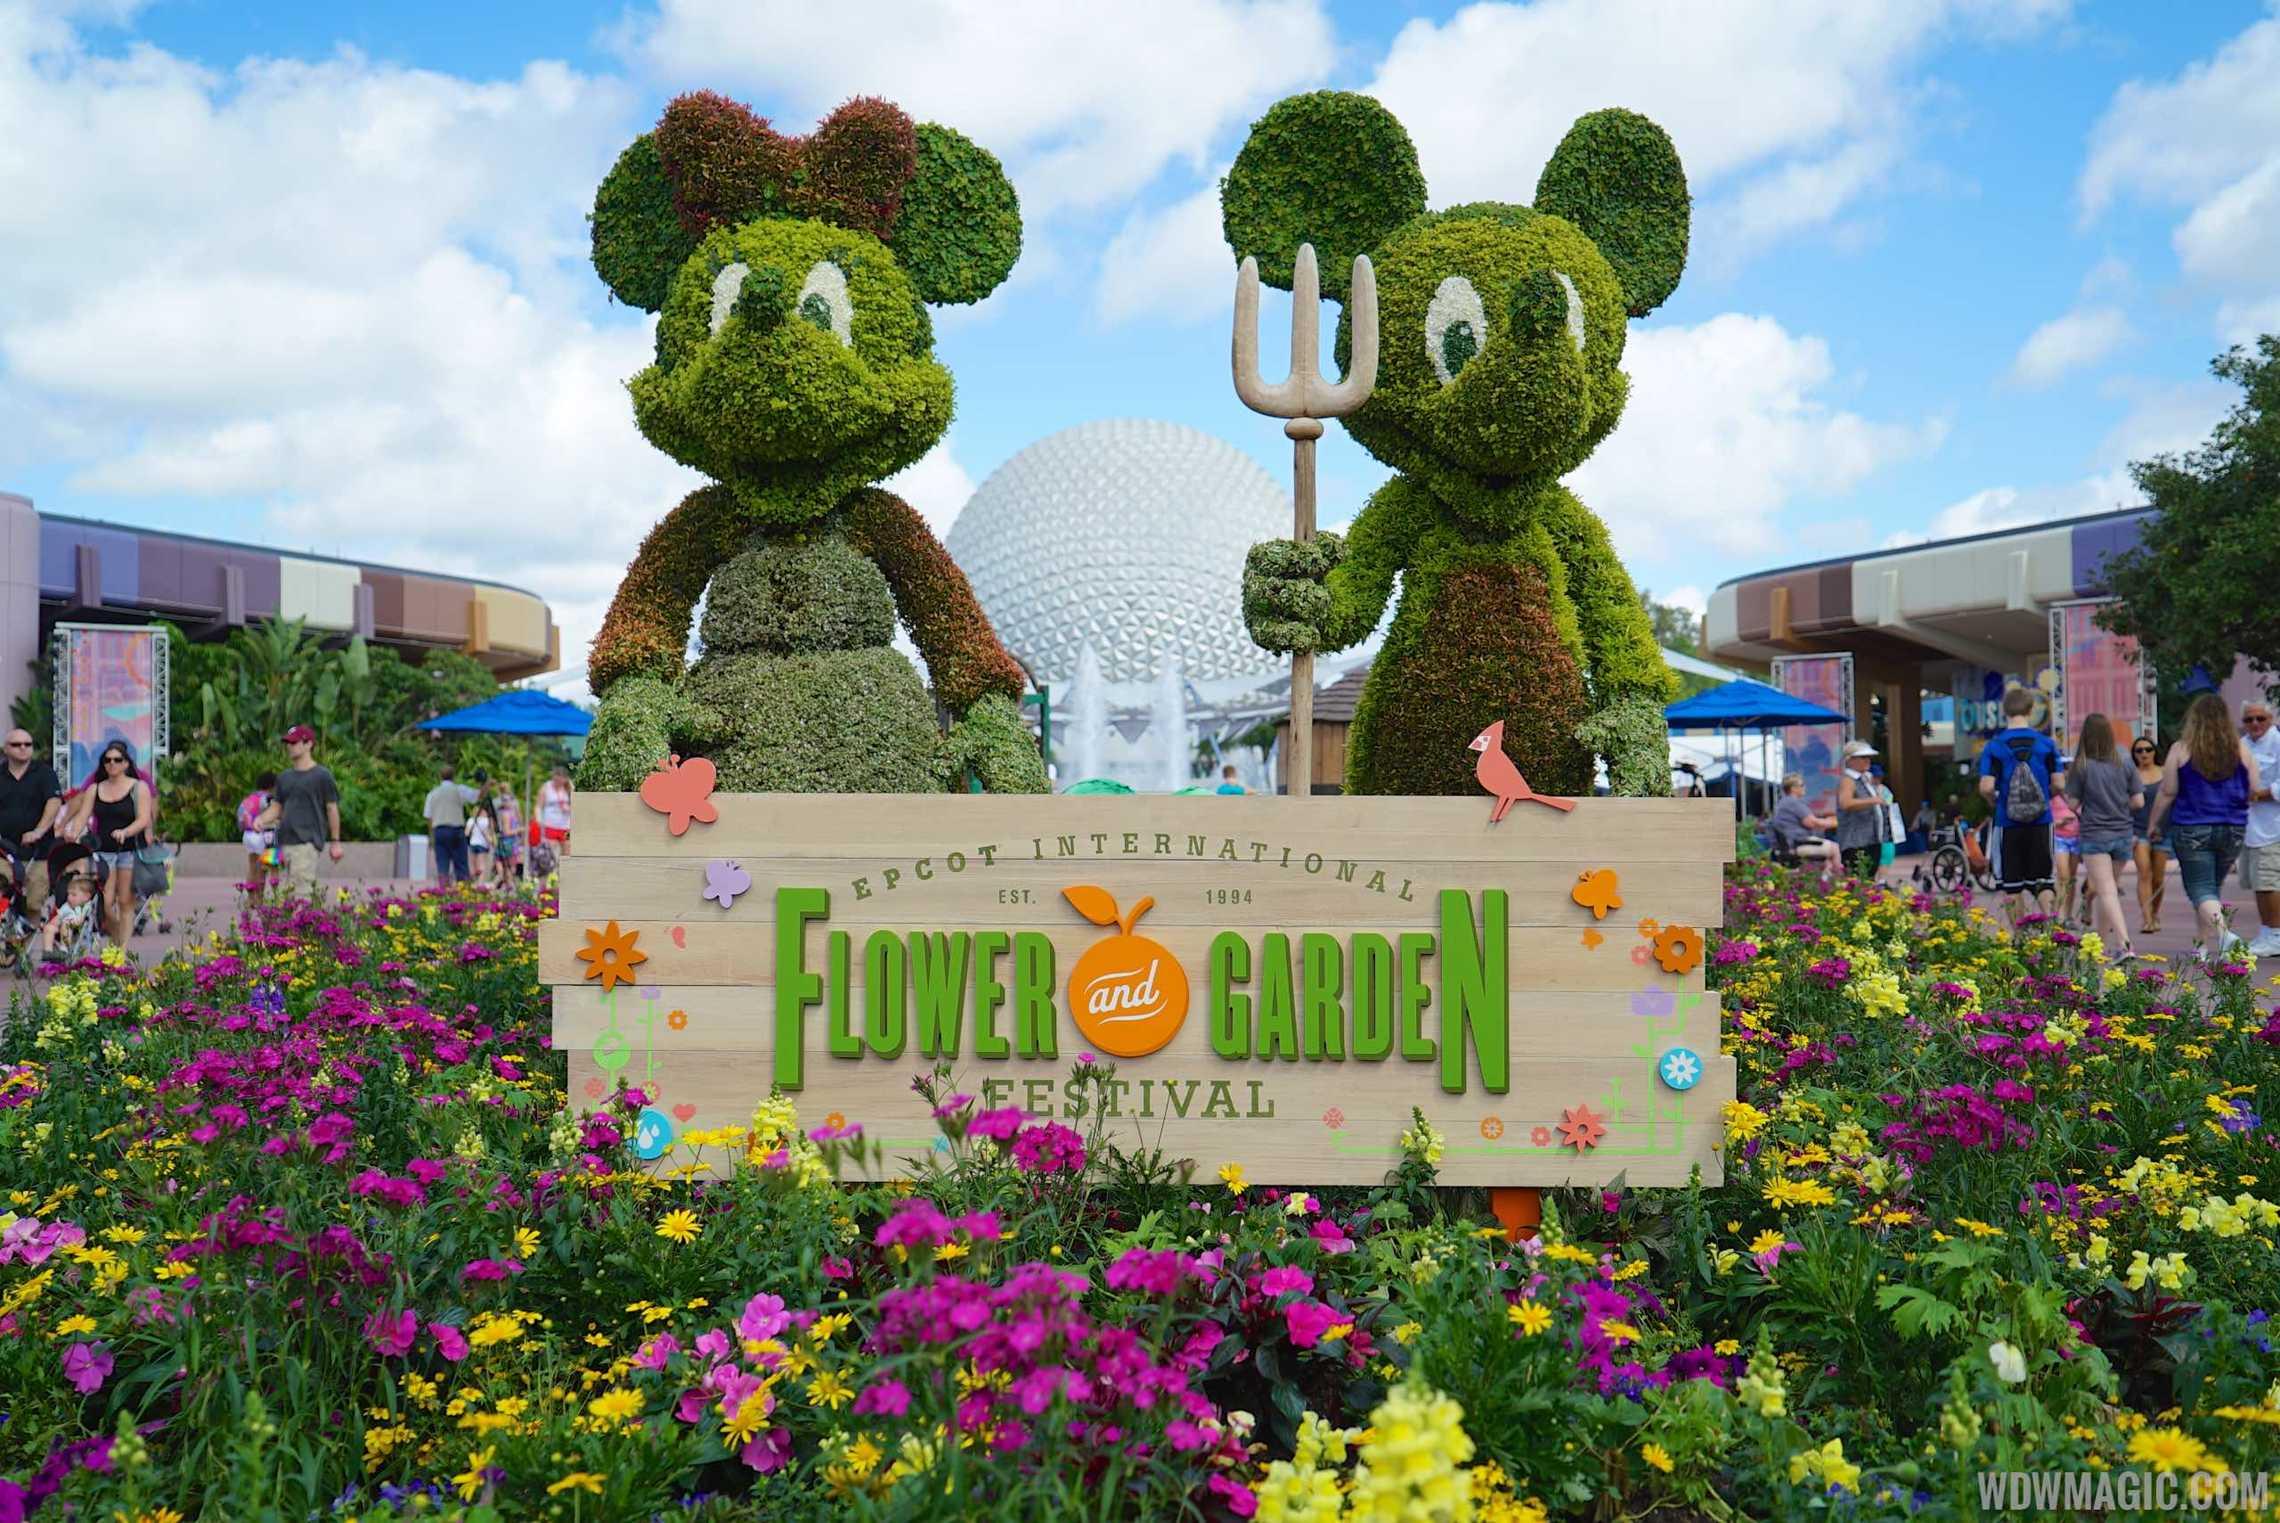 Epcot-International-Flower-and-Garden-Festival_Full_26638.jpg